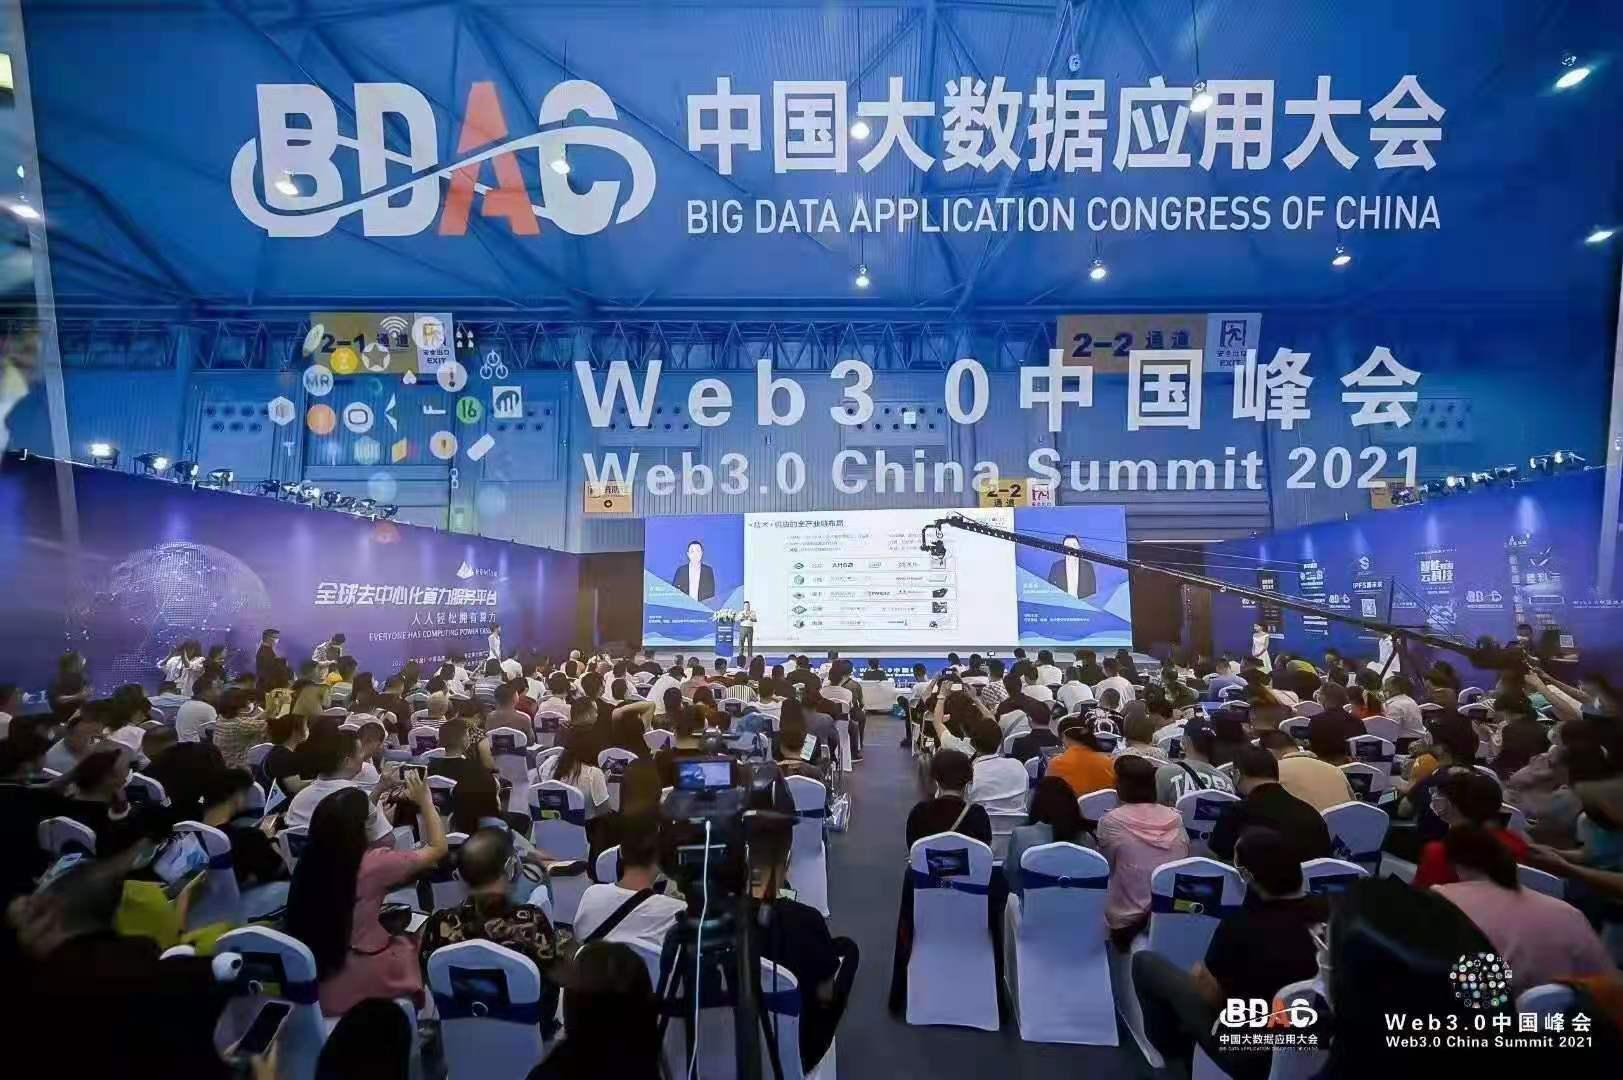 第九届中国(西部)电子信息博览会盛大开幕-云谷云海外实体矿企布局分布式存储